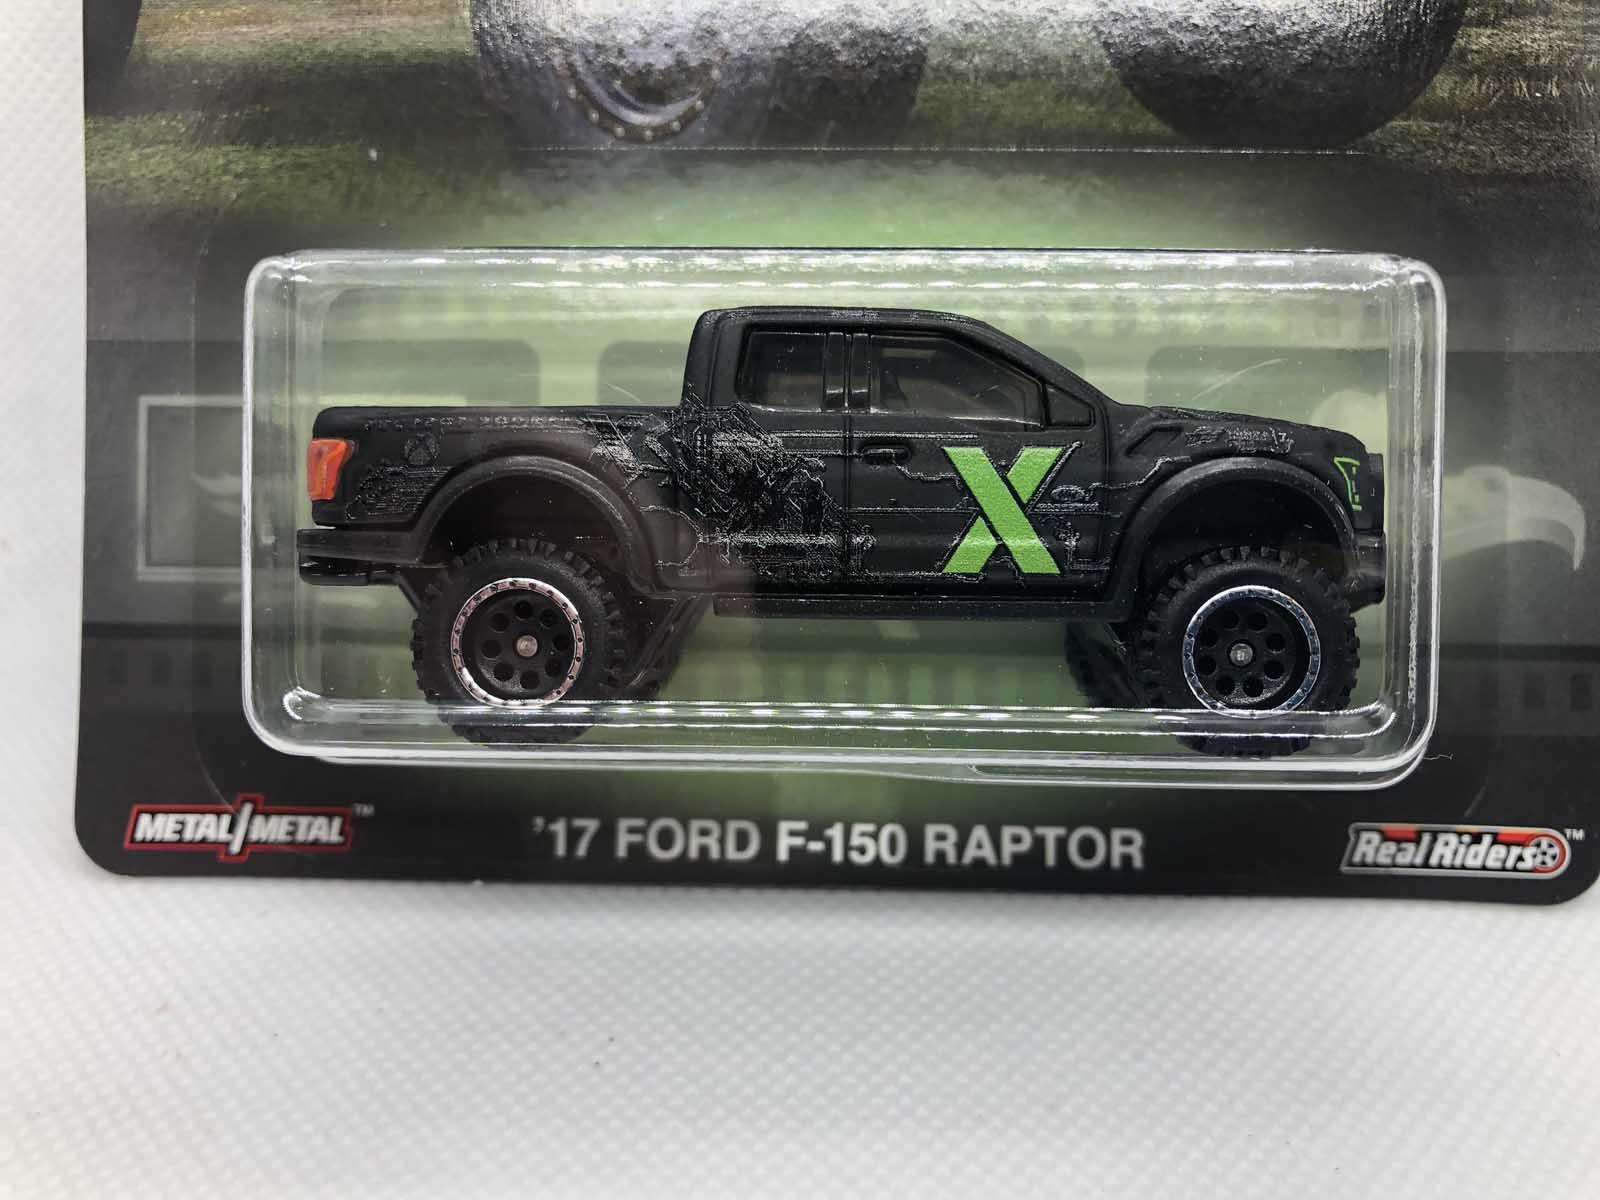 17 Ford F-150 Raptor